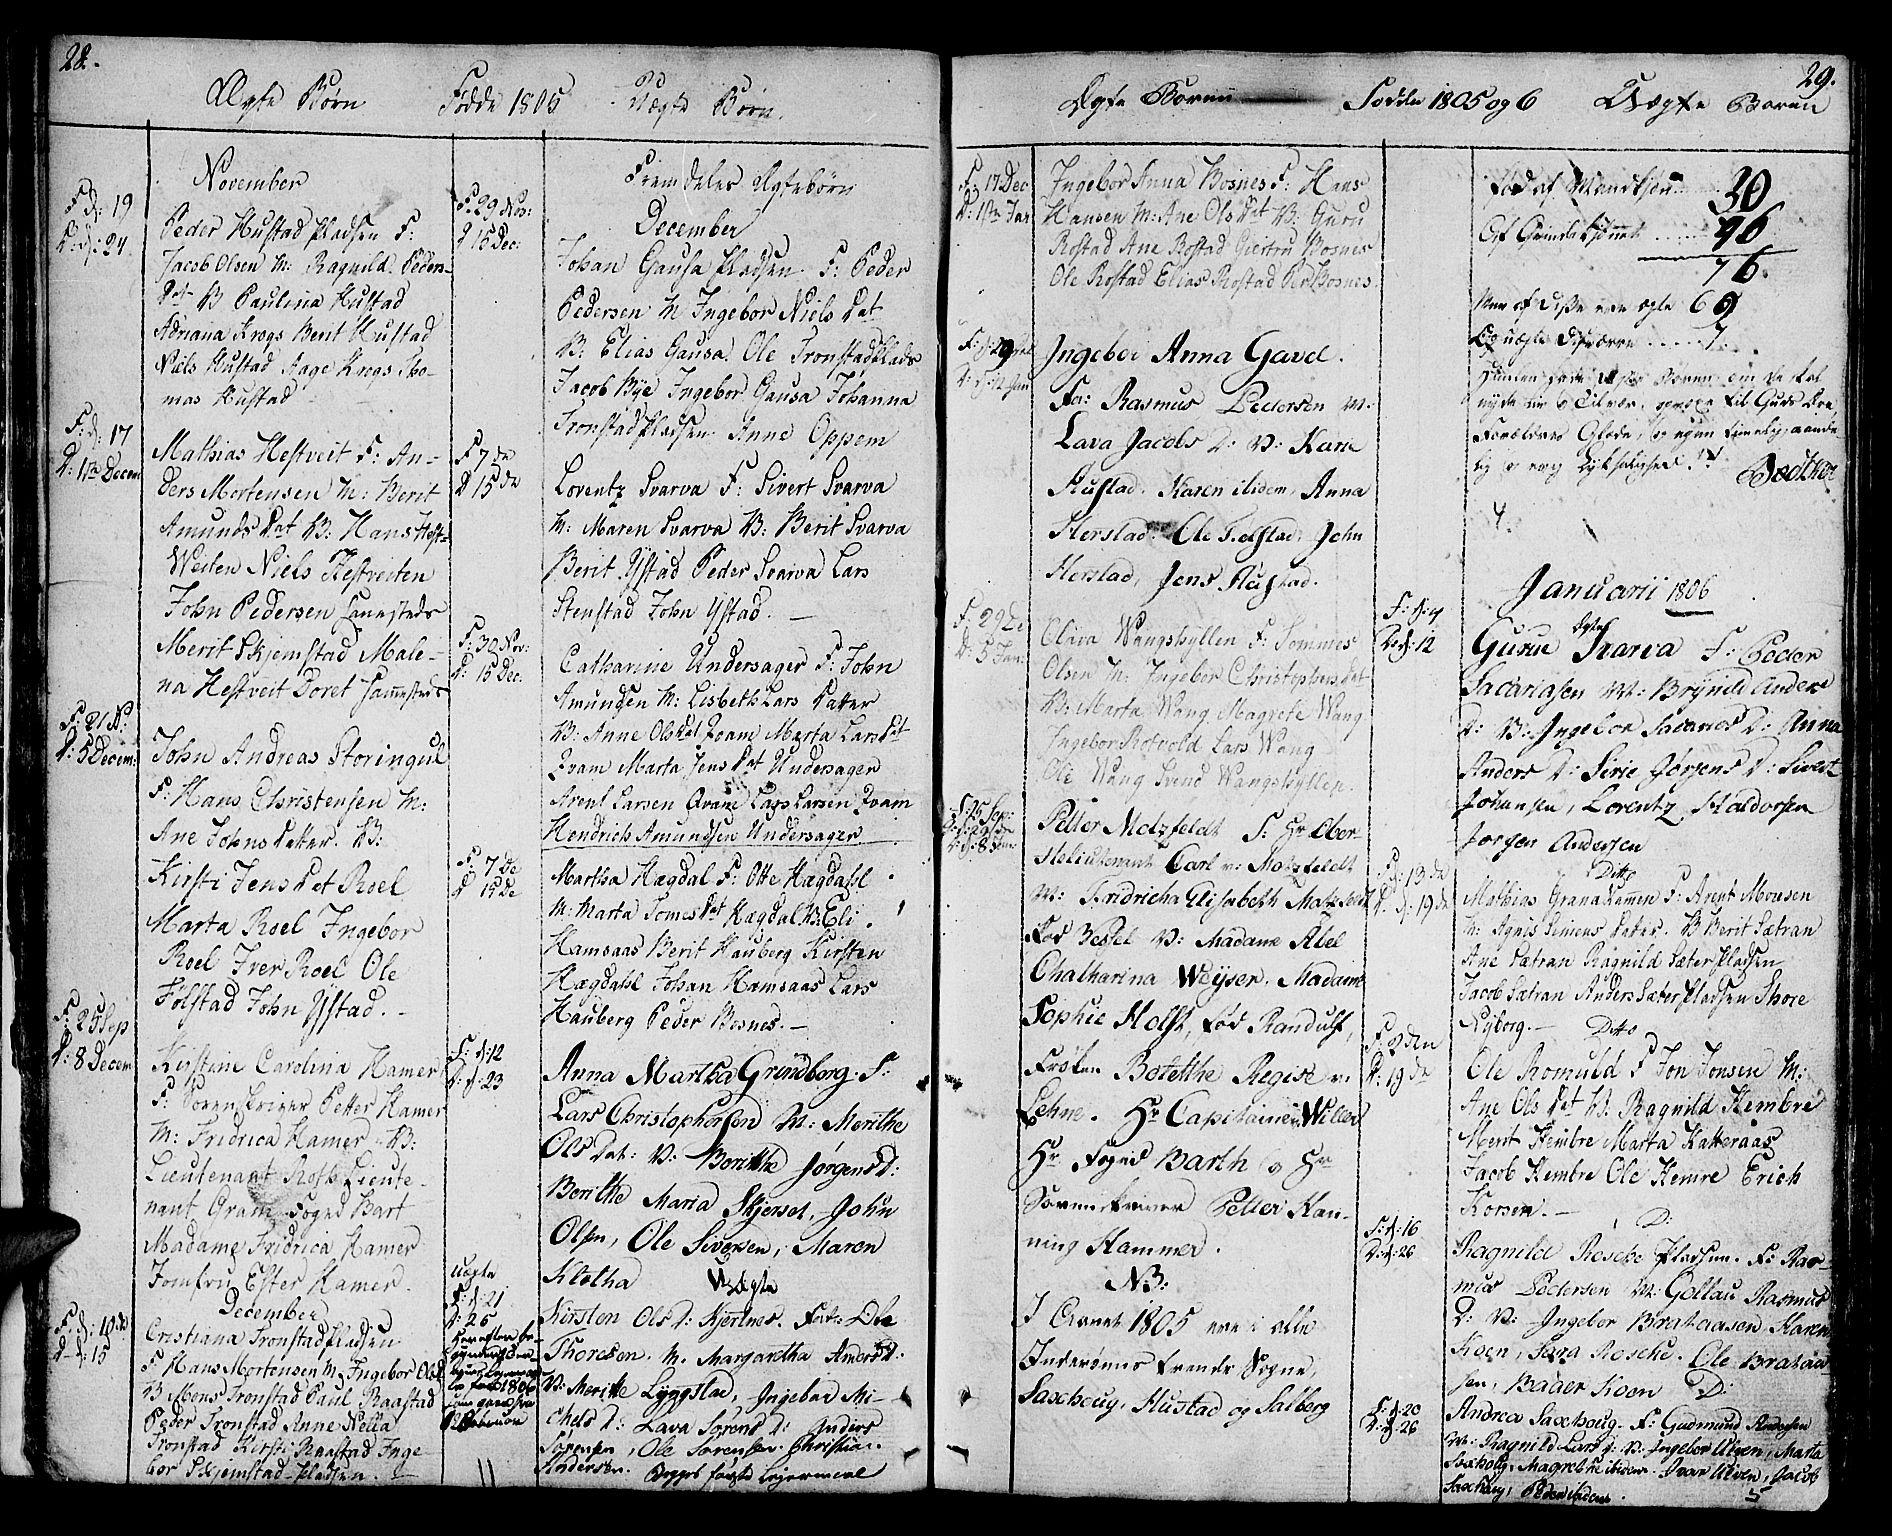 SAT, Ministerialprotokoller, klokkerbøker og fødselsregistre - Nord-Trøndelag, 730/L0274: Ministerialbok nr. 730A03, 1802-1816, s. 28-29